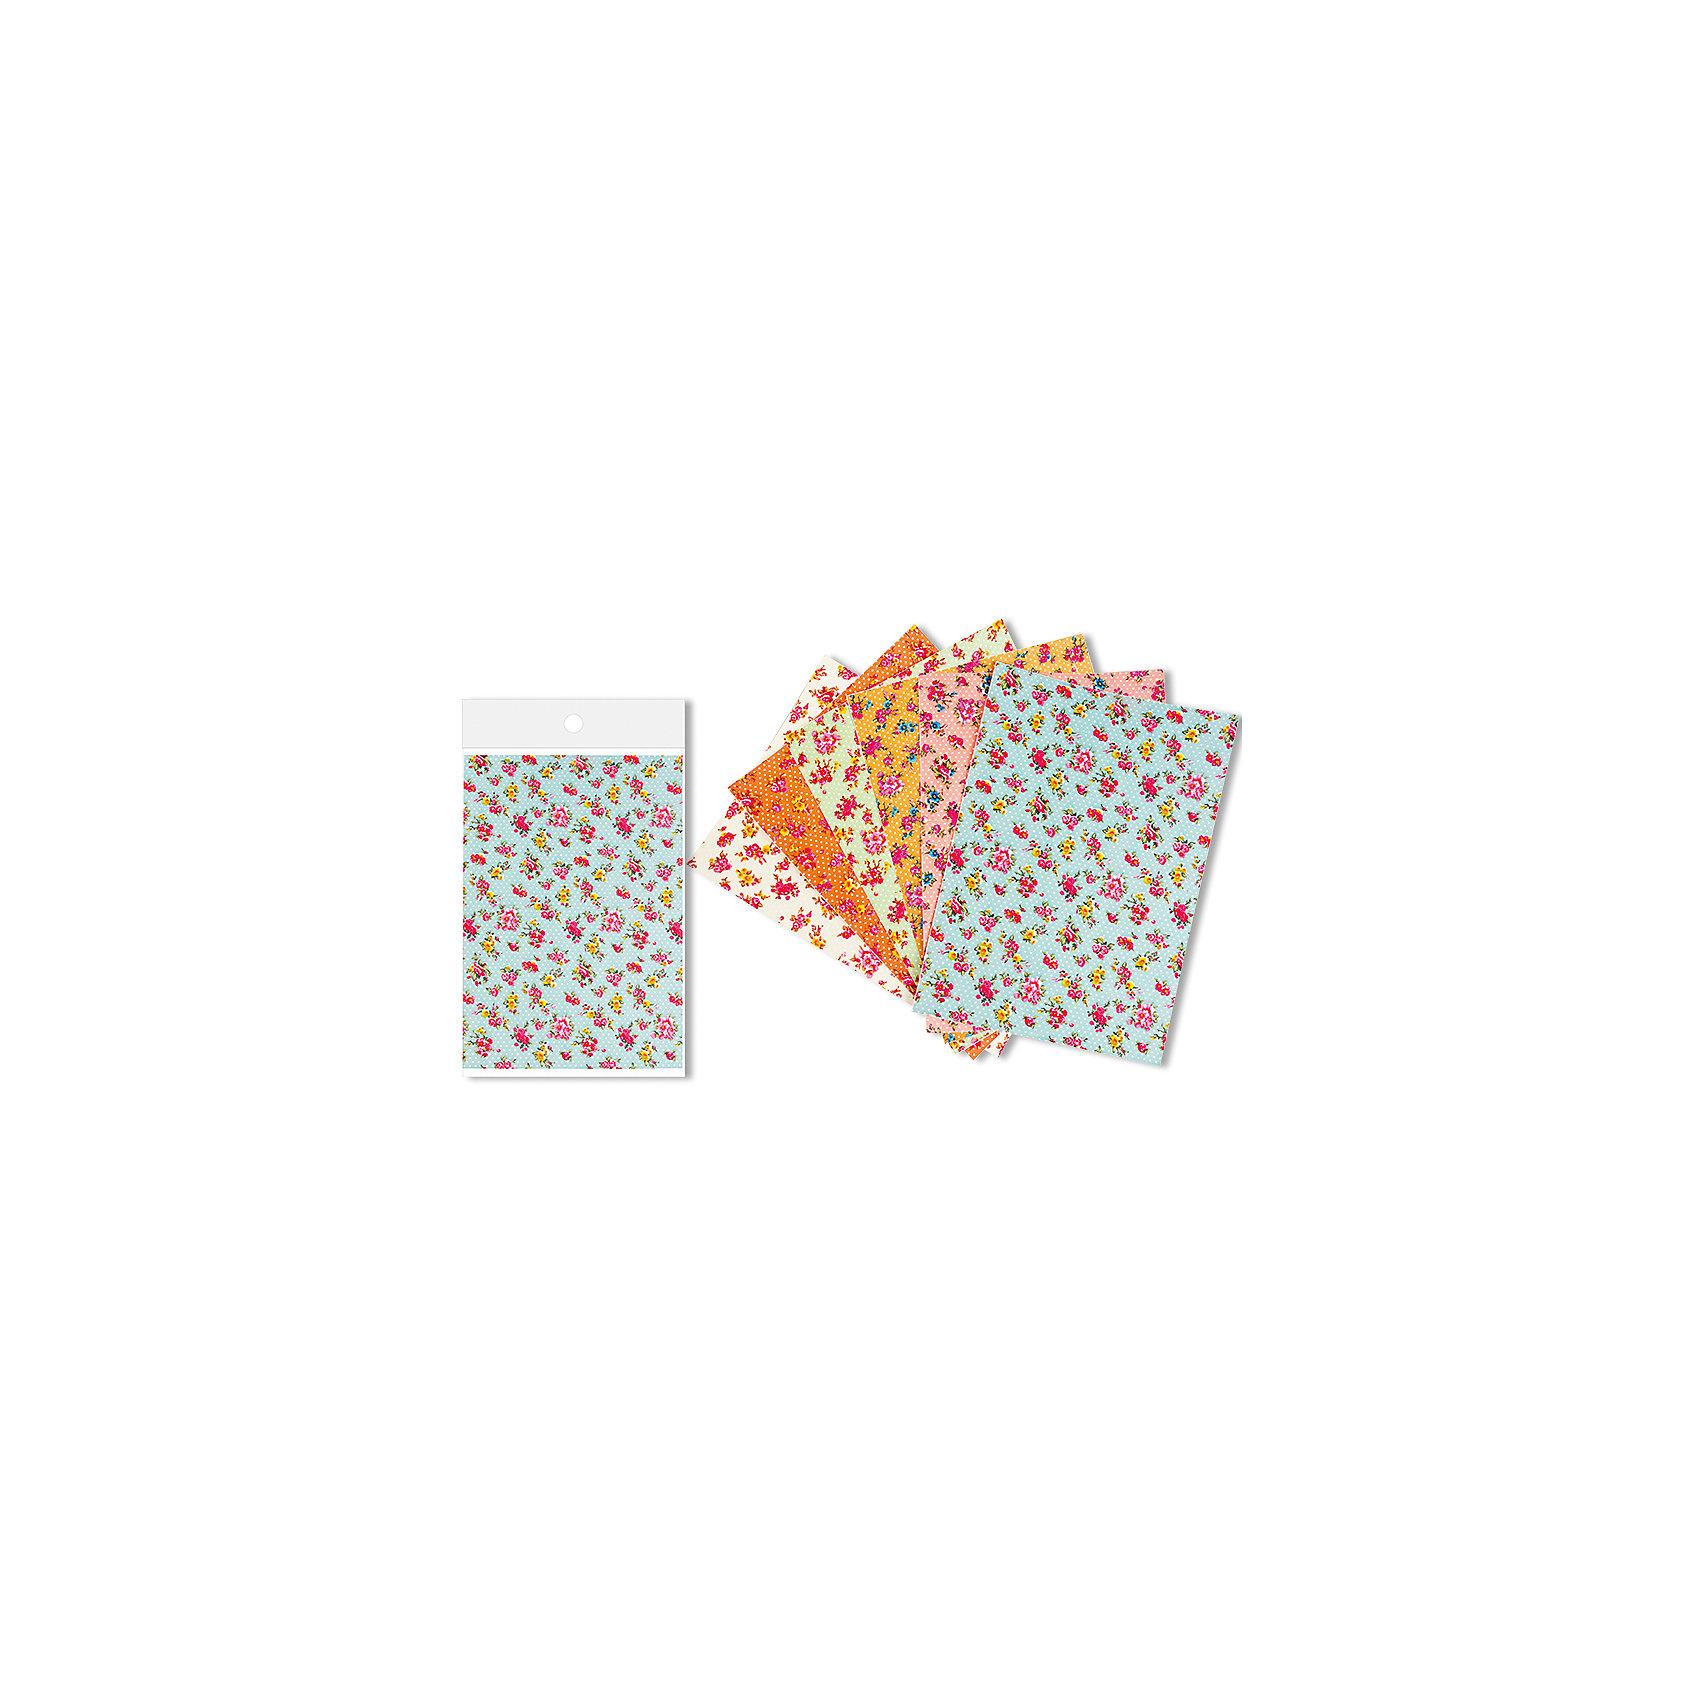 Самоклеящаяся ткань Крупные цветы А4 (1 лист), цвет в ассортиментеРукоделие<br>Самоклеящаяся ткань Крупные цветы А4 (1 лист), цвет в ассортименте от известного торгового бренда канцелярских товаров и товаров для творчества TUKZAR. Ткань можно использовать для оформления и декорирования ручных поделок, оформления подарочной упаковки или для создания стильных аксессуаров, кроме того данная ткань идеально подойдет для создания аппликаций на детской одежде. <br>Самоклеящаяся ткань Крупные цветы А4 (1 лист), цвет в ассортименте выполнена в высоком качестве, ее отличает устойчивость рисунка и многообразие расцветок.<br><br>Дополнительная информация:<br><br>- Предназначение: для творческих занятий, оформительских работ и декорирования<br>- Материал: текстиль<br>- Размеры (Д*Ш): 21*30 см<br>- Упаковка: полиэтилен<br><br>Подробнее:<br><br>• Для детей в возрасте: от 5 лет <br>• Страна производитель: Китай<br>• Торговый бренд: TUKZAR<br><br>Самоклеящаяся ткань Крупные цветы А4 (1 лист), цвет в ассортименте можно купить в нашем интернет-магазине.<br><br>Ширина мм: 210<br>Глубина мм: 300<br>Высота мм: 10<br>Вес г: 100<br>Возраст от месяцев: 36<br>Возраст до месяцев: 192<br>Пол: Женский<br>Возраст: Детский<br>SKU: 5001424